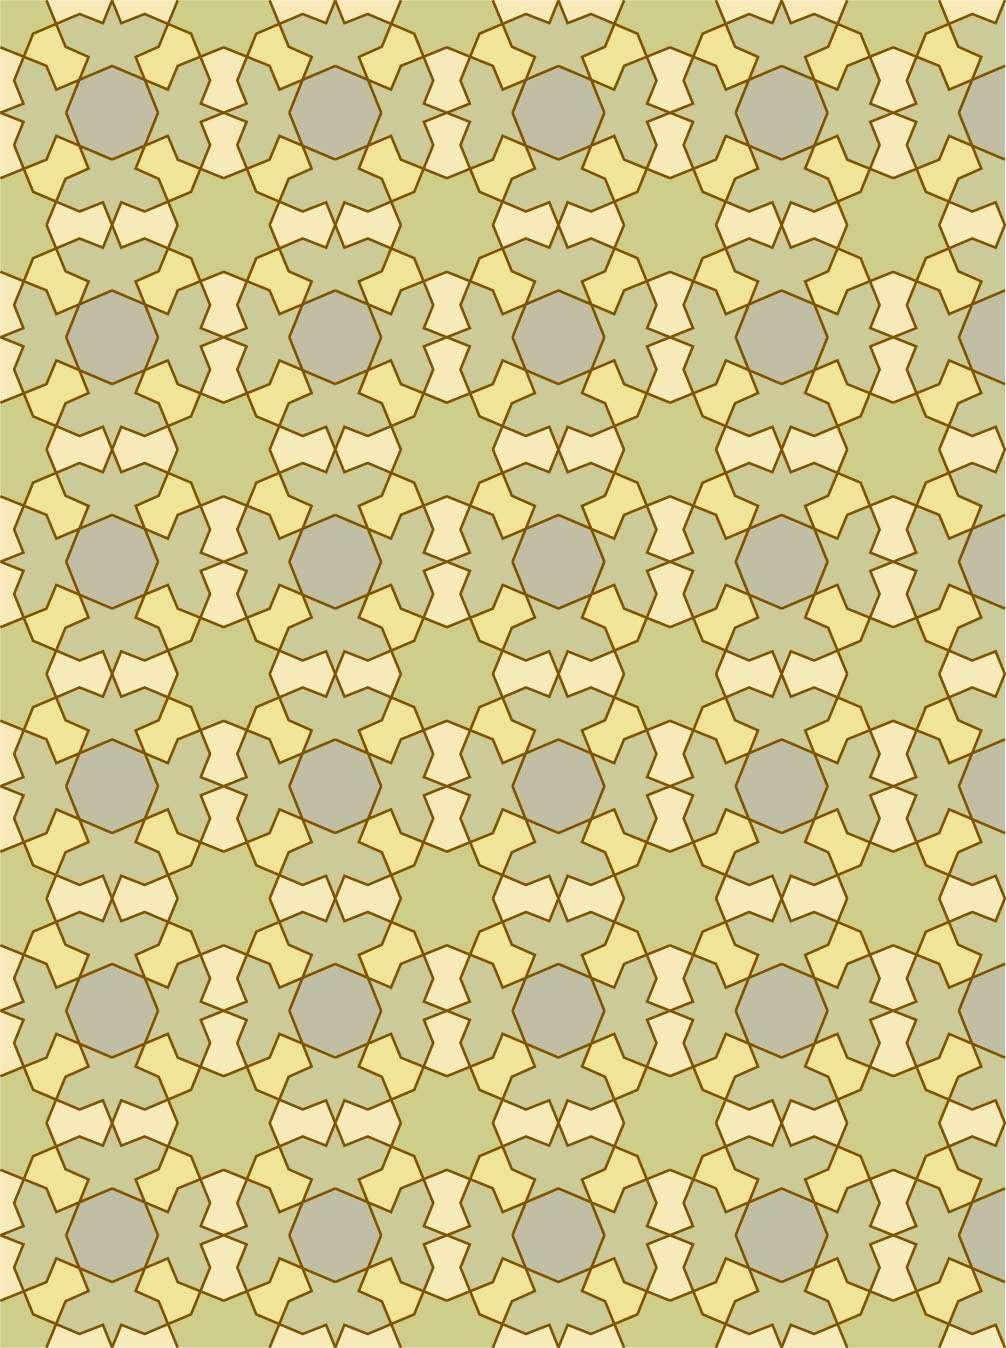 تاتو ستاره هشت پر طرح اسلیمی ستاره هشت پر گنجینه تصاویر تبيان